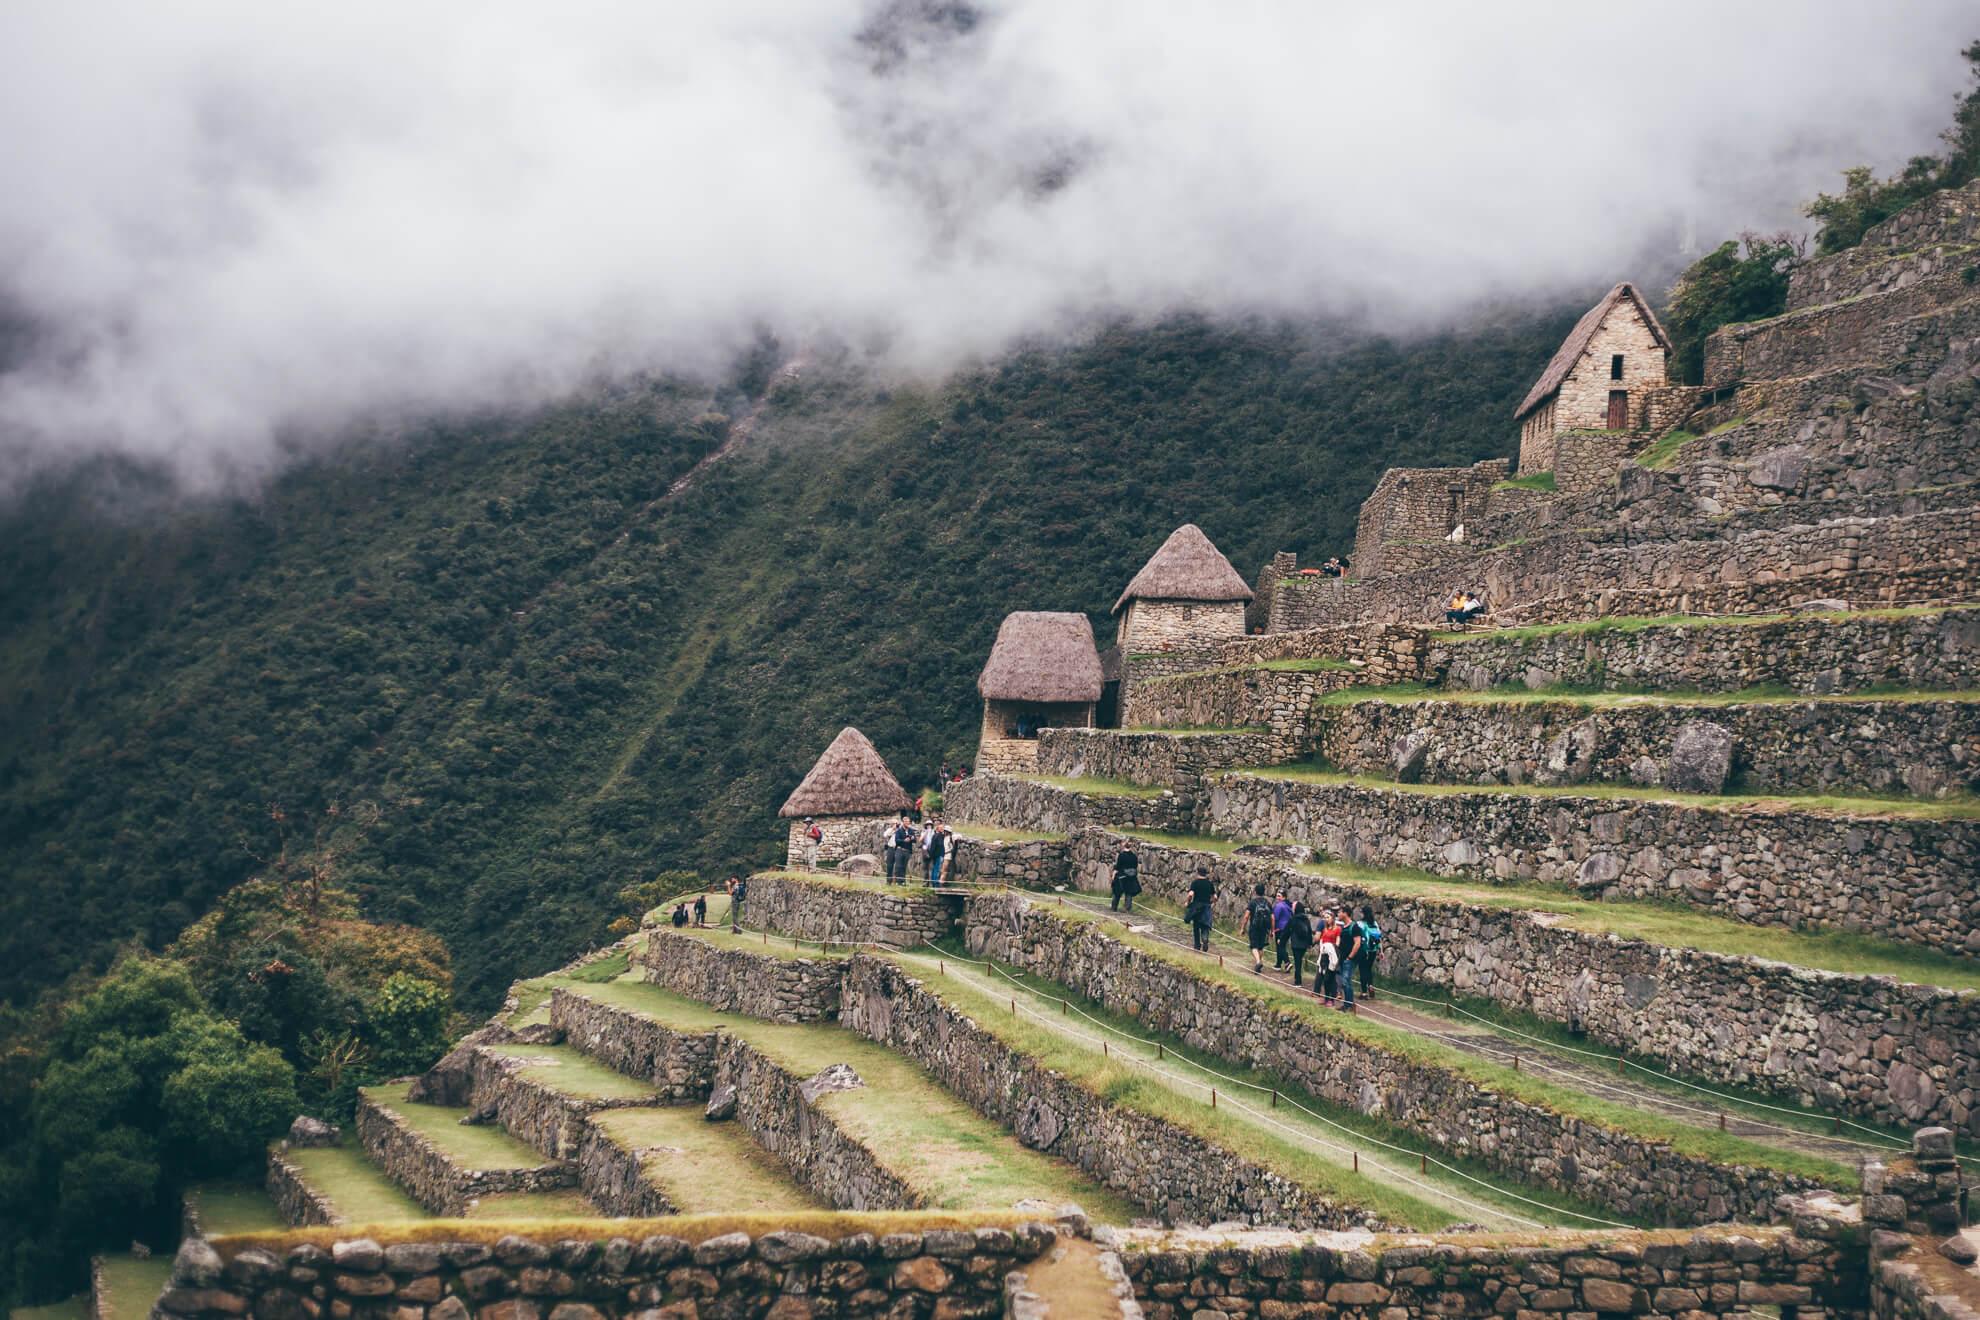 Turistas explorando Machu Picchu   7 dicas para conhecer Machu Picchu